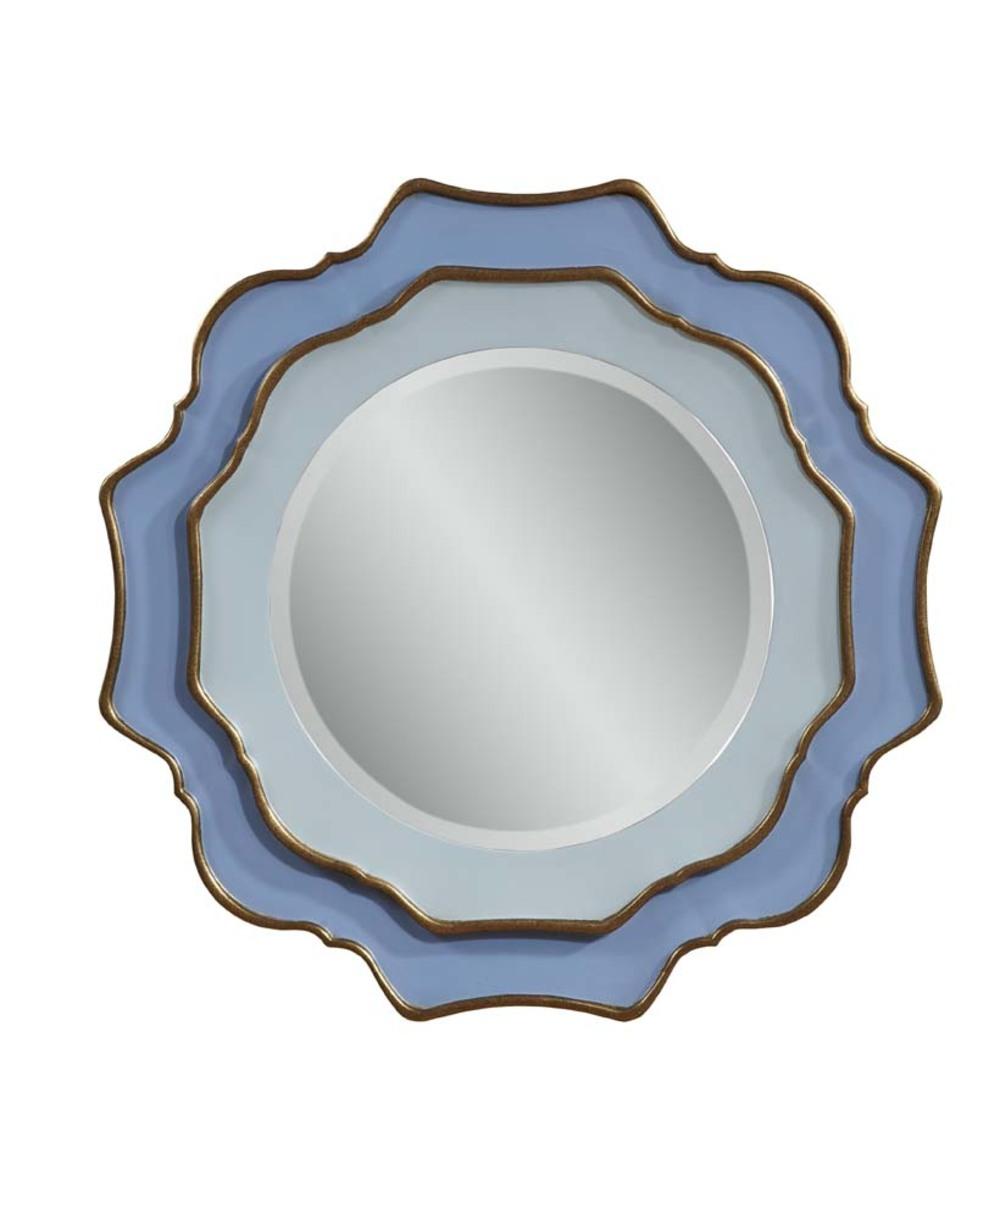 Bassett Mirror Company - Caprice Wall Mirror